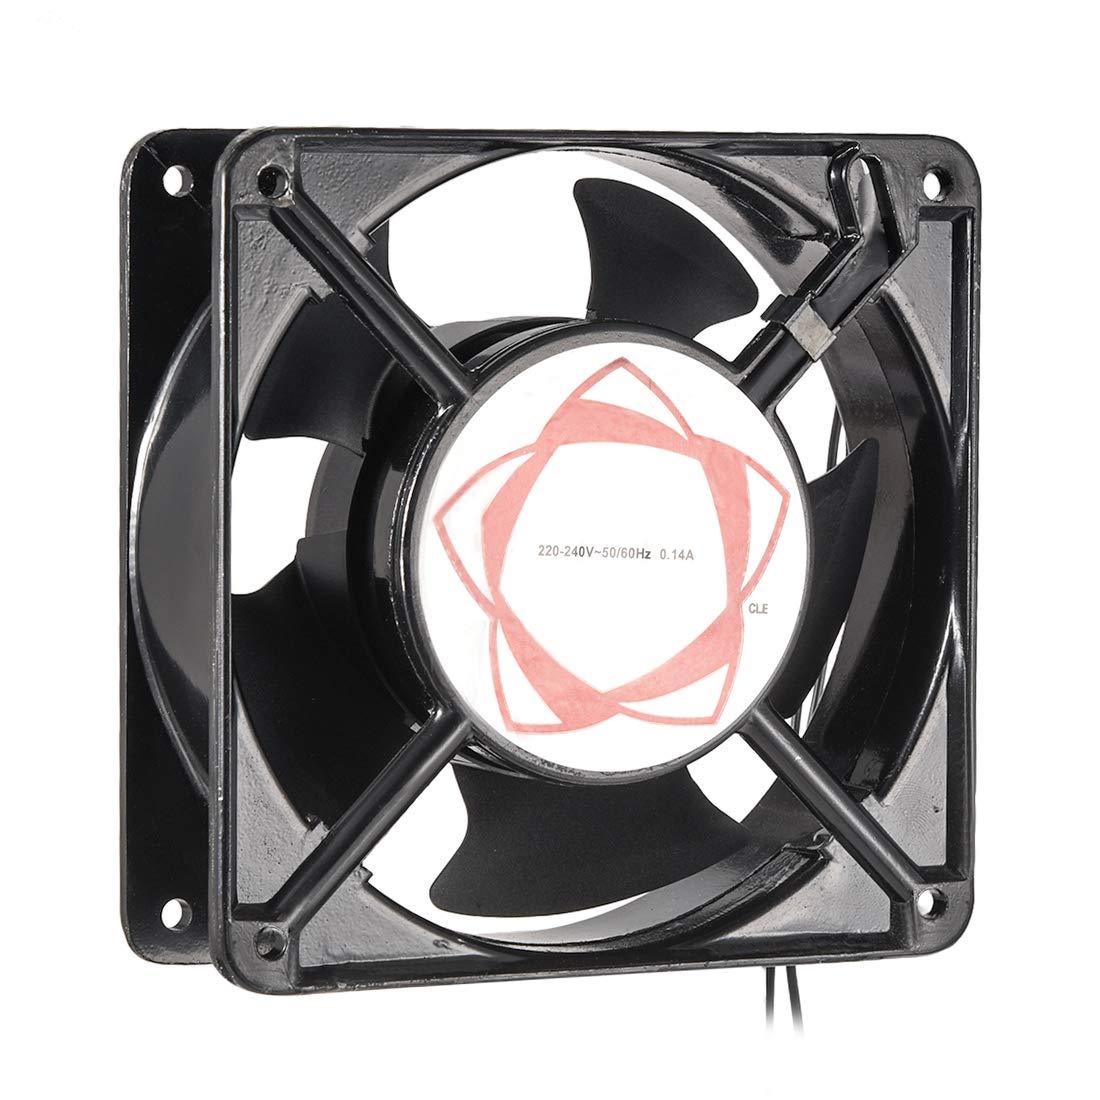 uxcell Cooling Fan 120mm x 120mm x 38mm DP200A AC 220-240V 0.14A Dual Ball Bearings